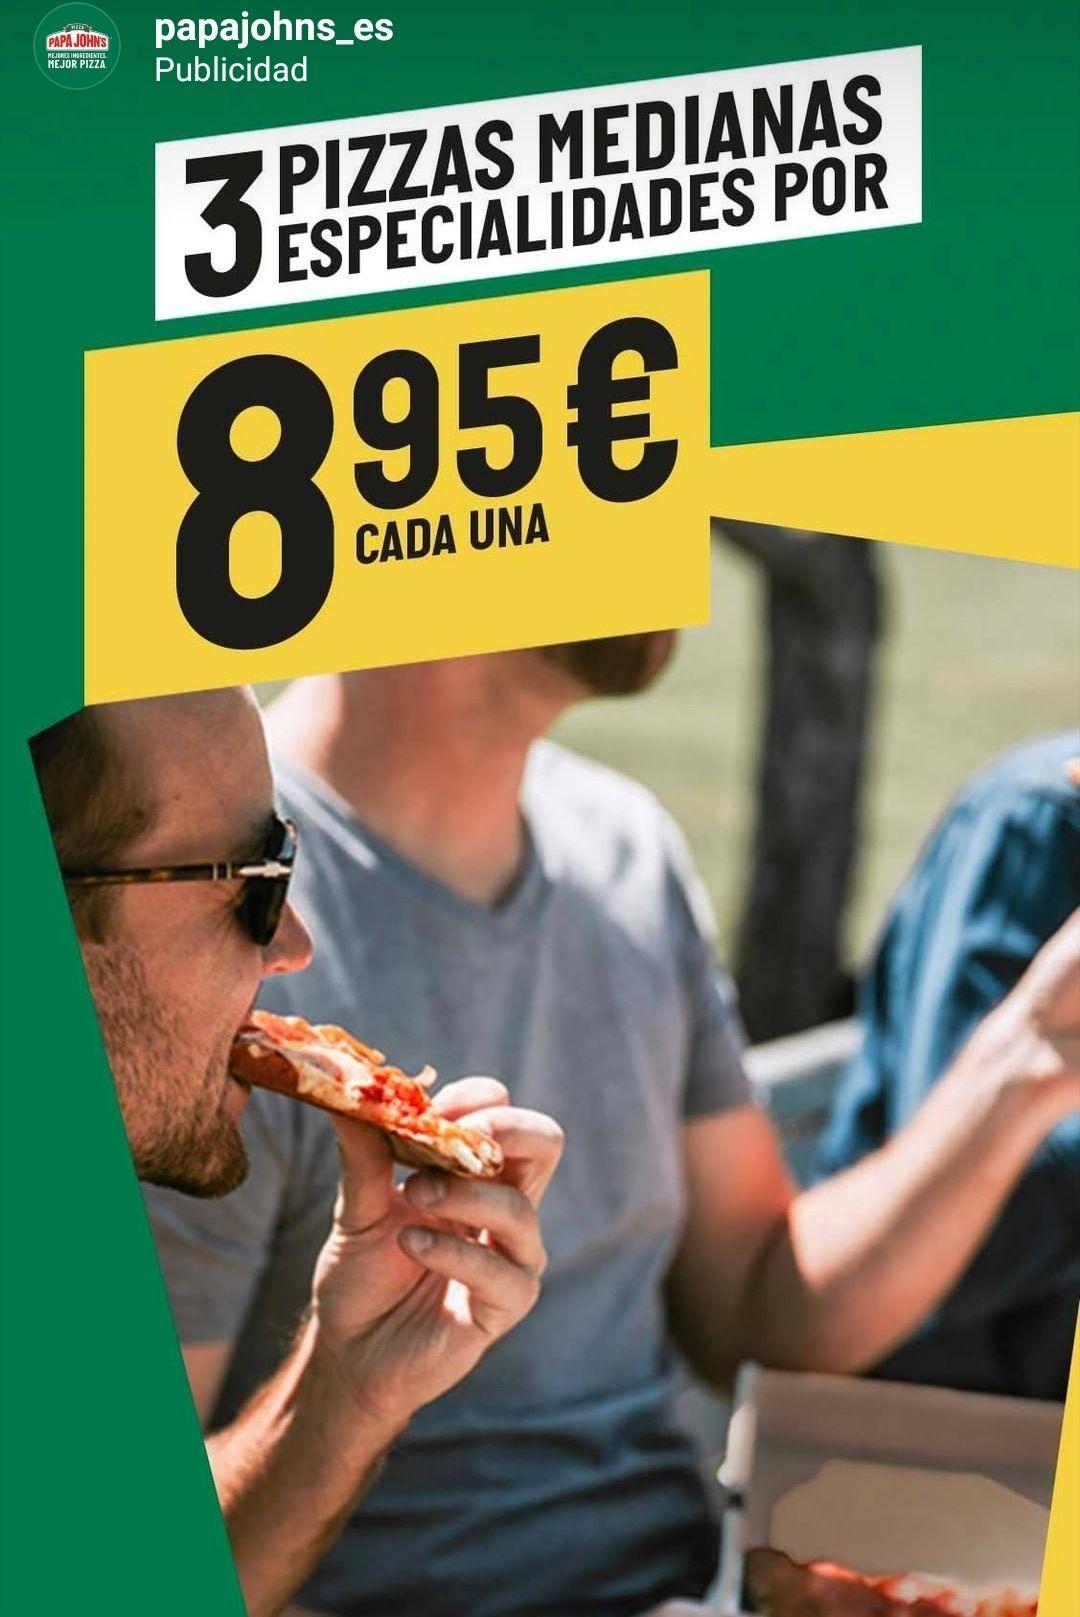 Papá John's - 3 pizzas medianas especiales por 8,95 € cada una